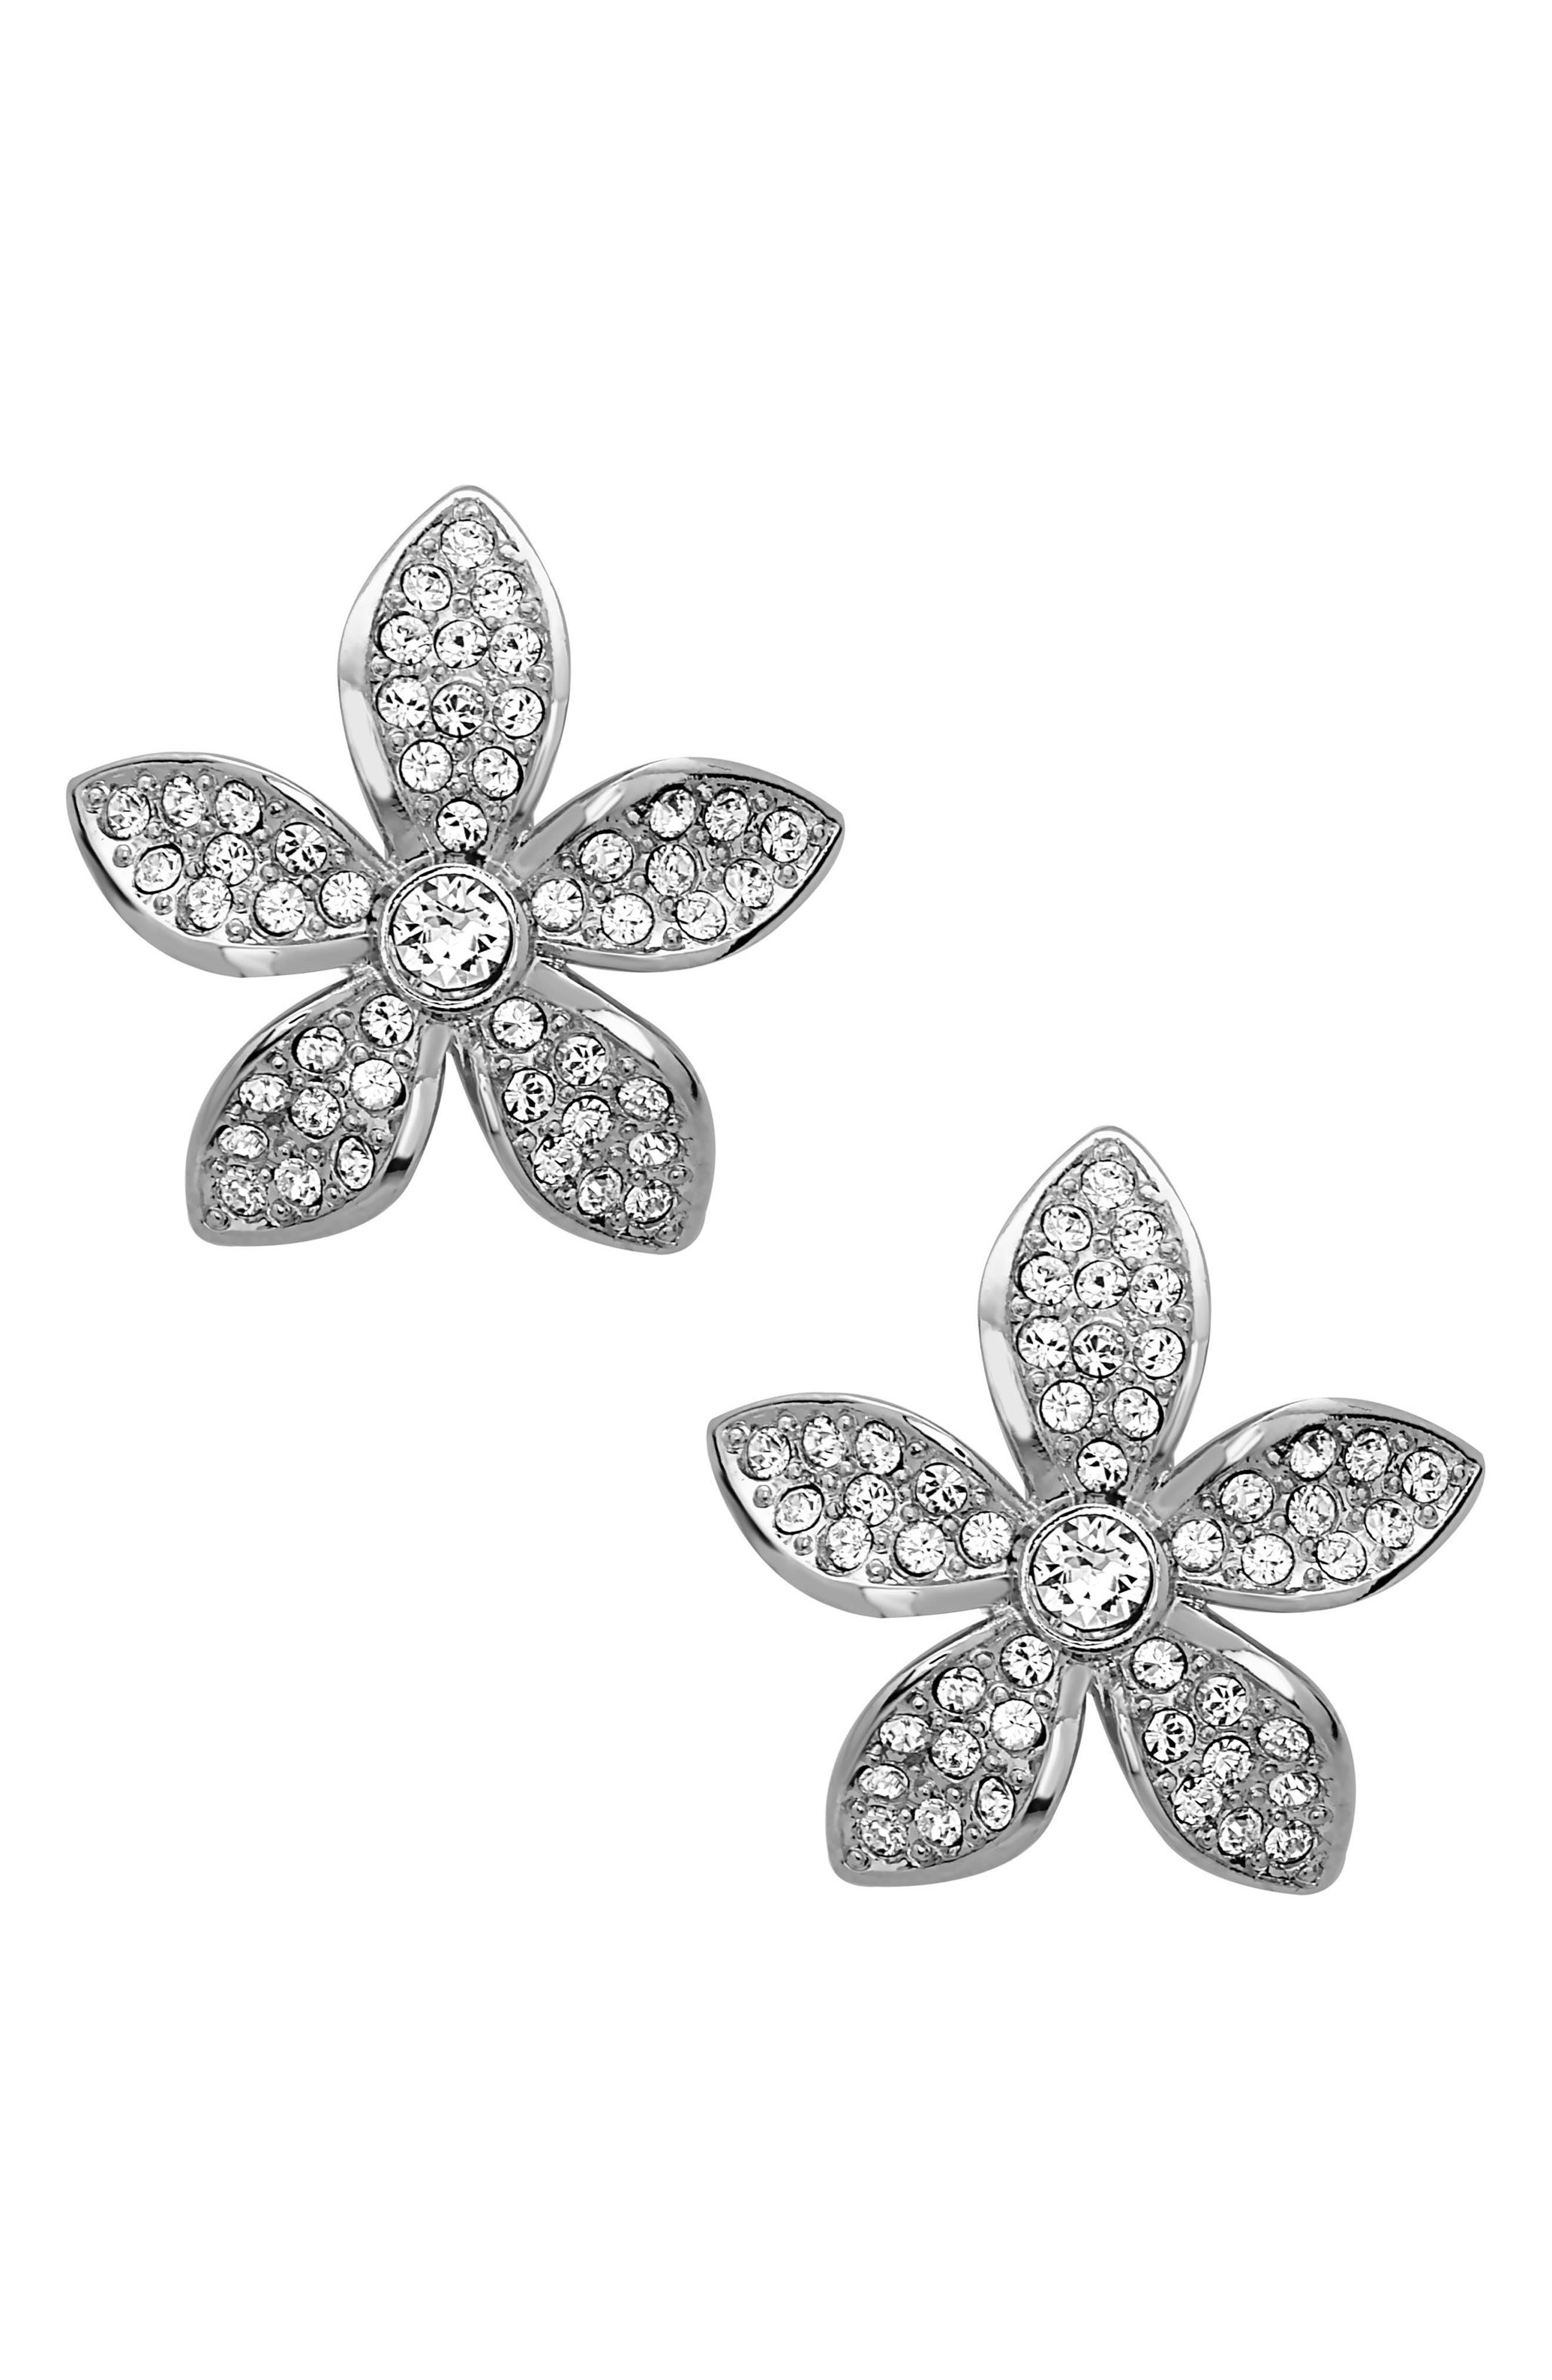 Alternate Image 1 Selected - Nina Floral Crystal Stud Earrings